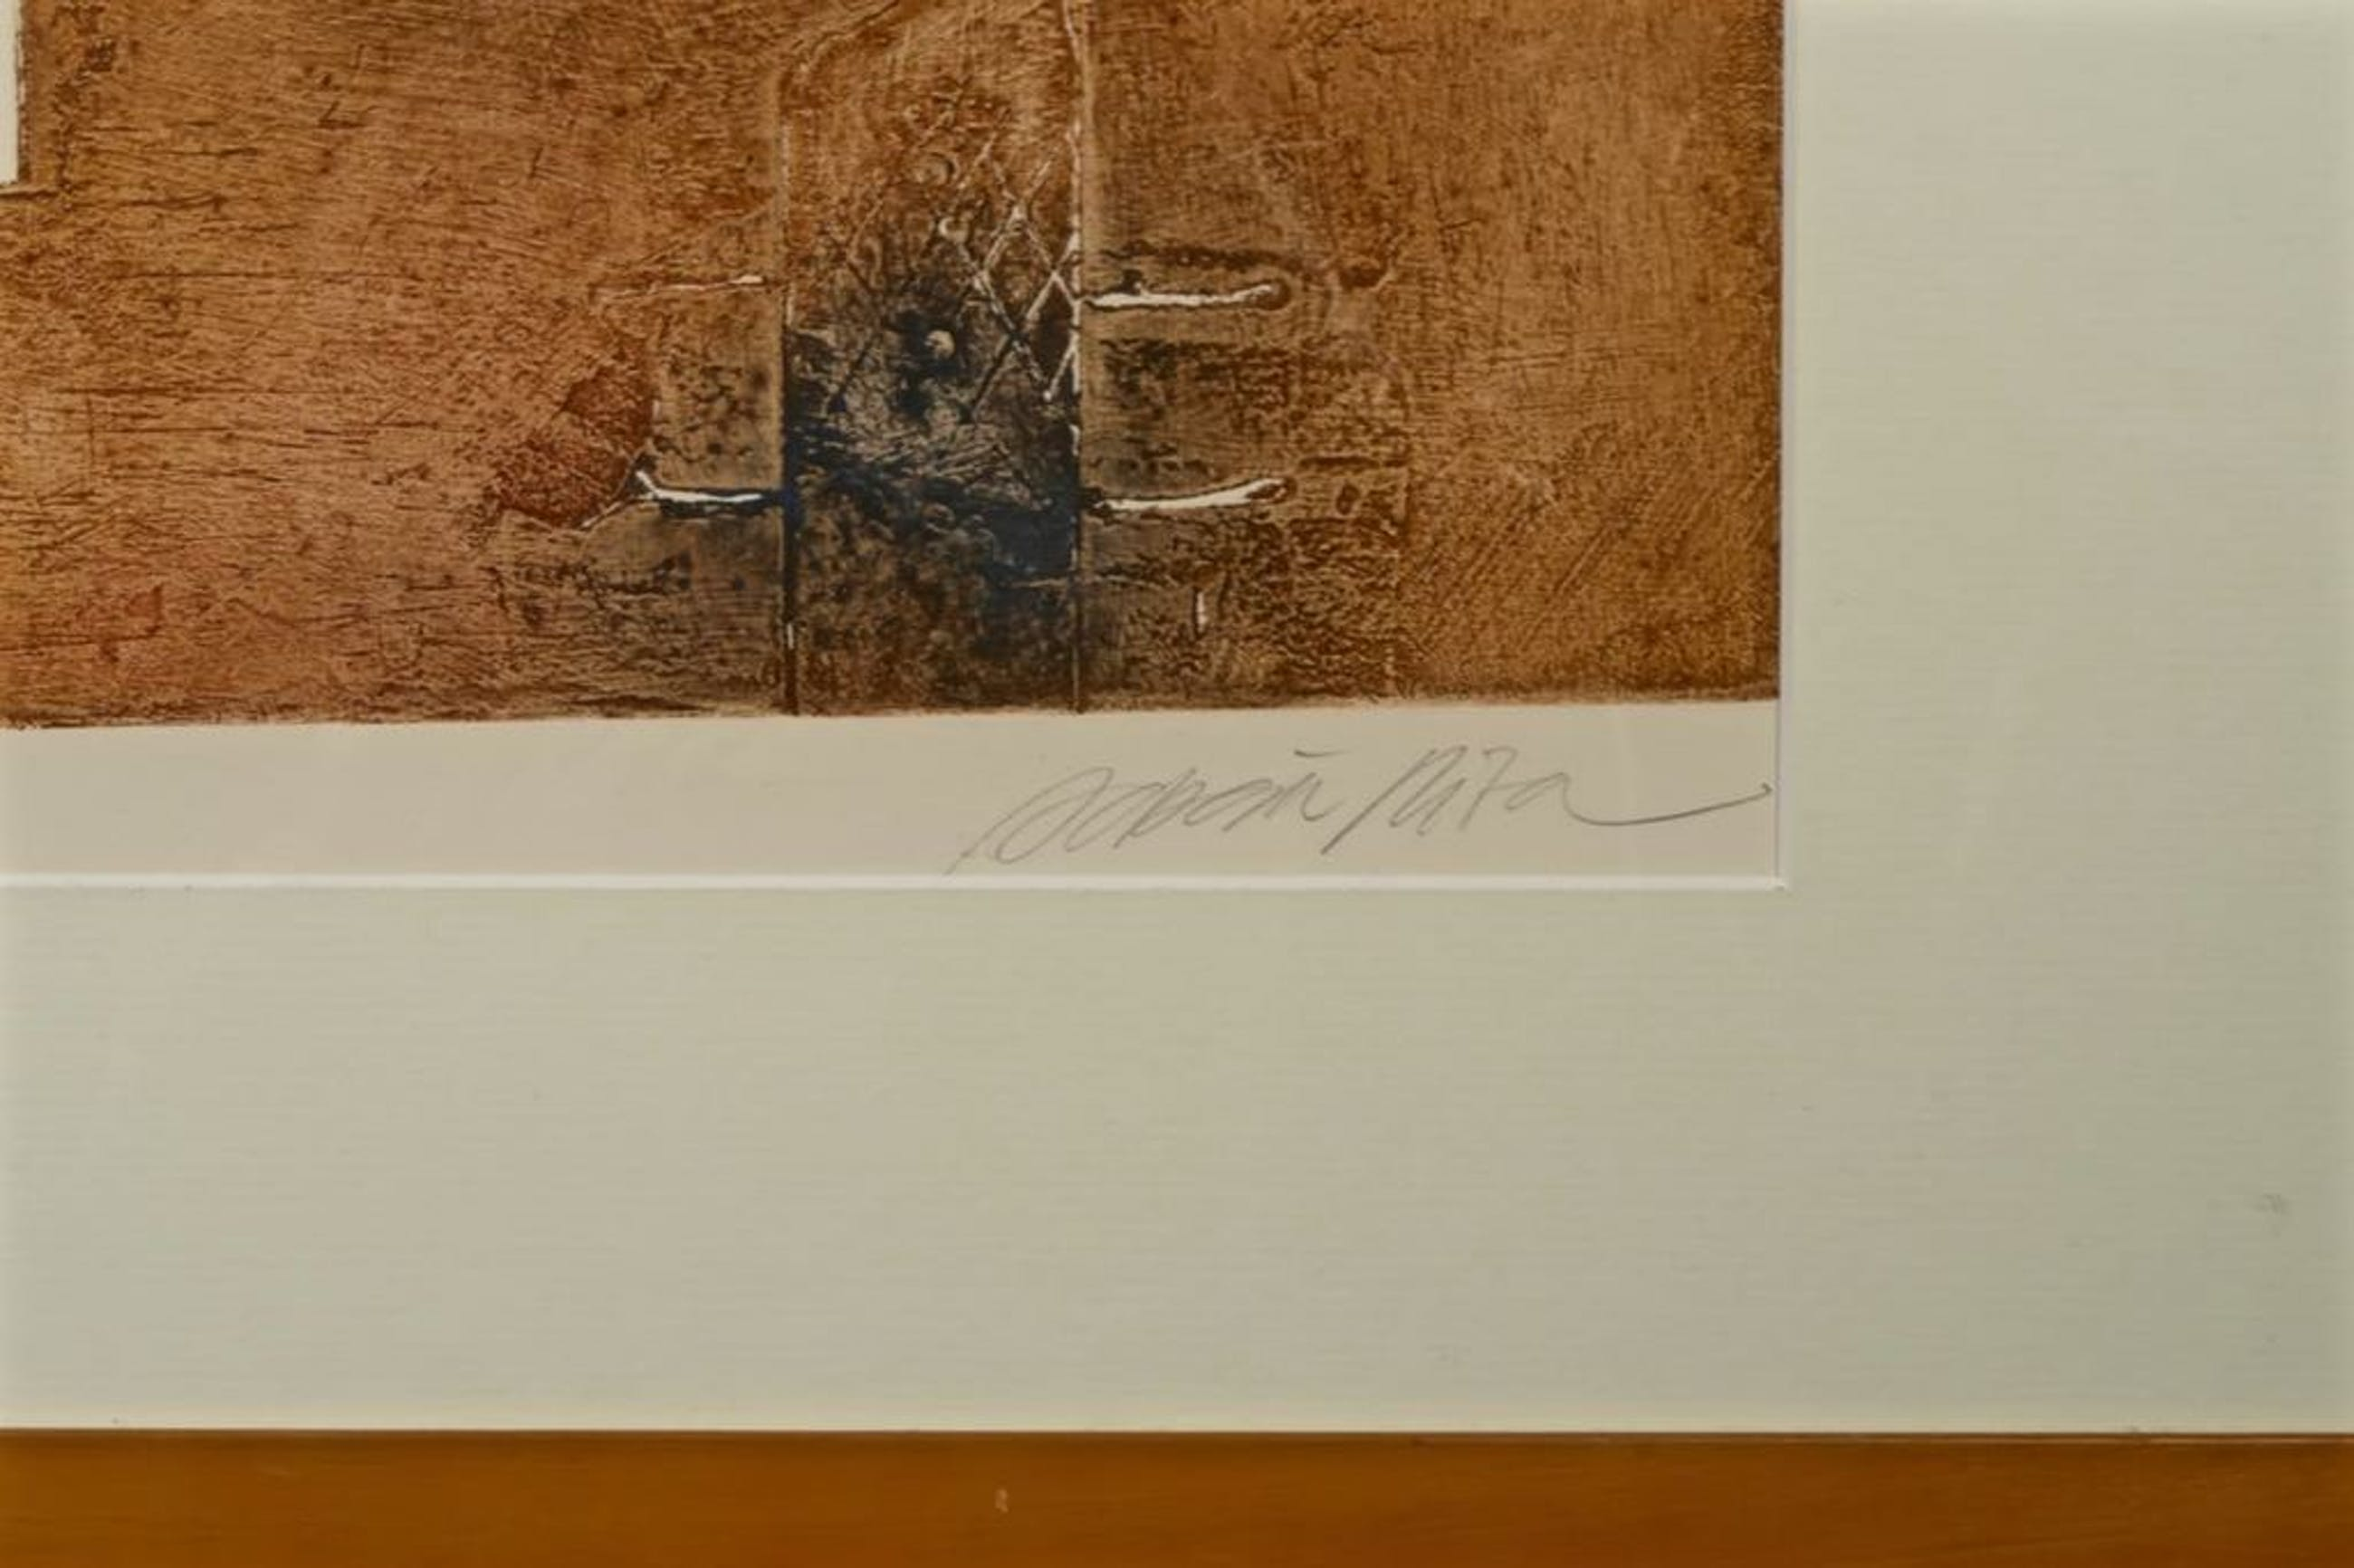 Enric Adsera Riba: Ets, Muren van mijn atelier - Ingelijst (groot) kopen? Bied vanaf 40!